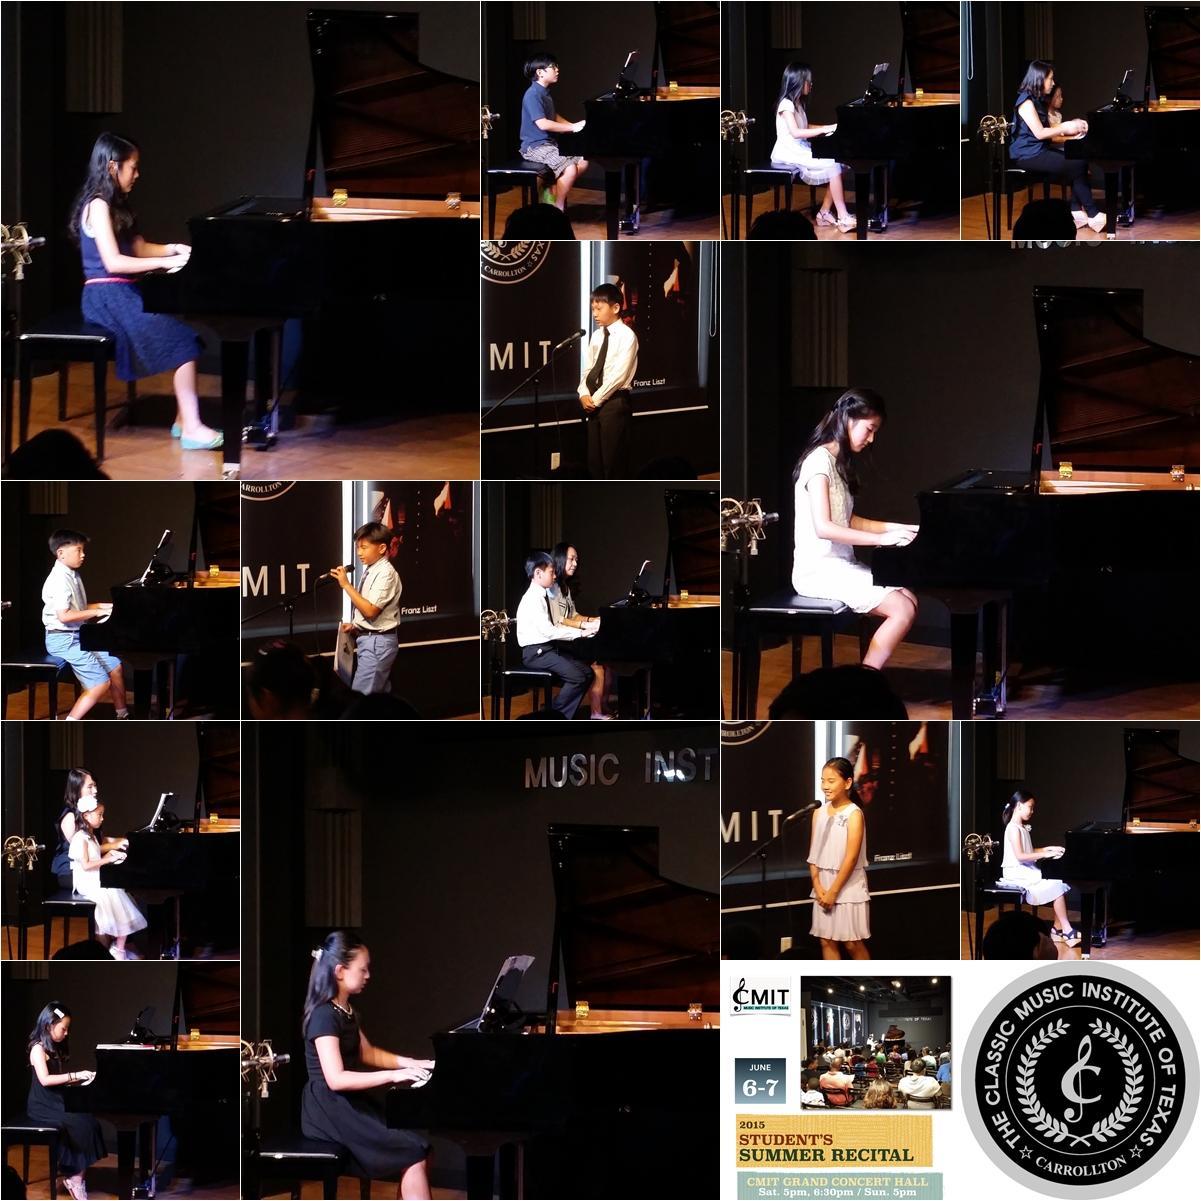 2015 CMIT Student's Summer Recital 05.jpg